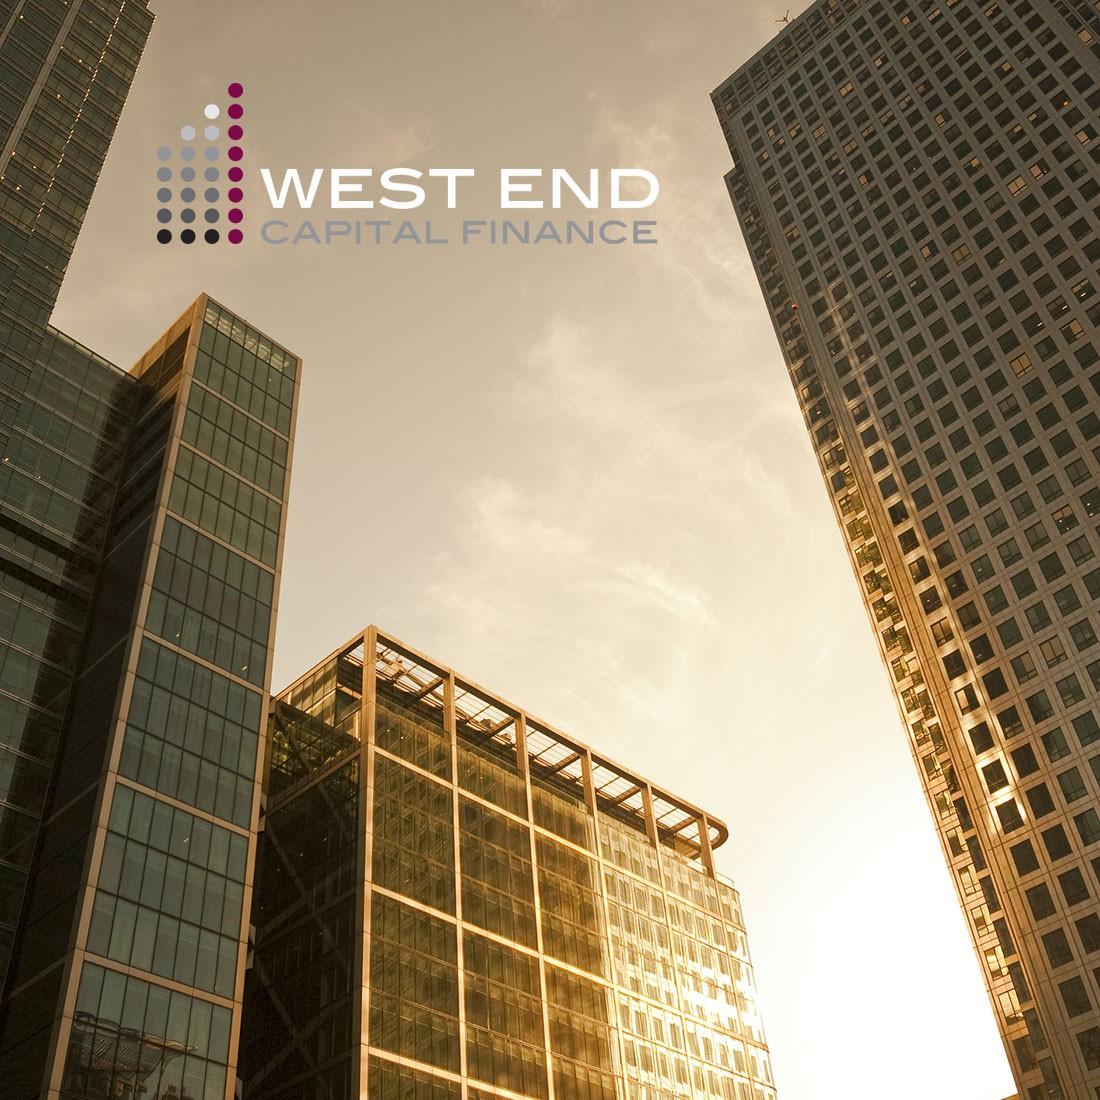 westendcf.com